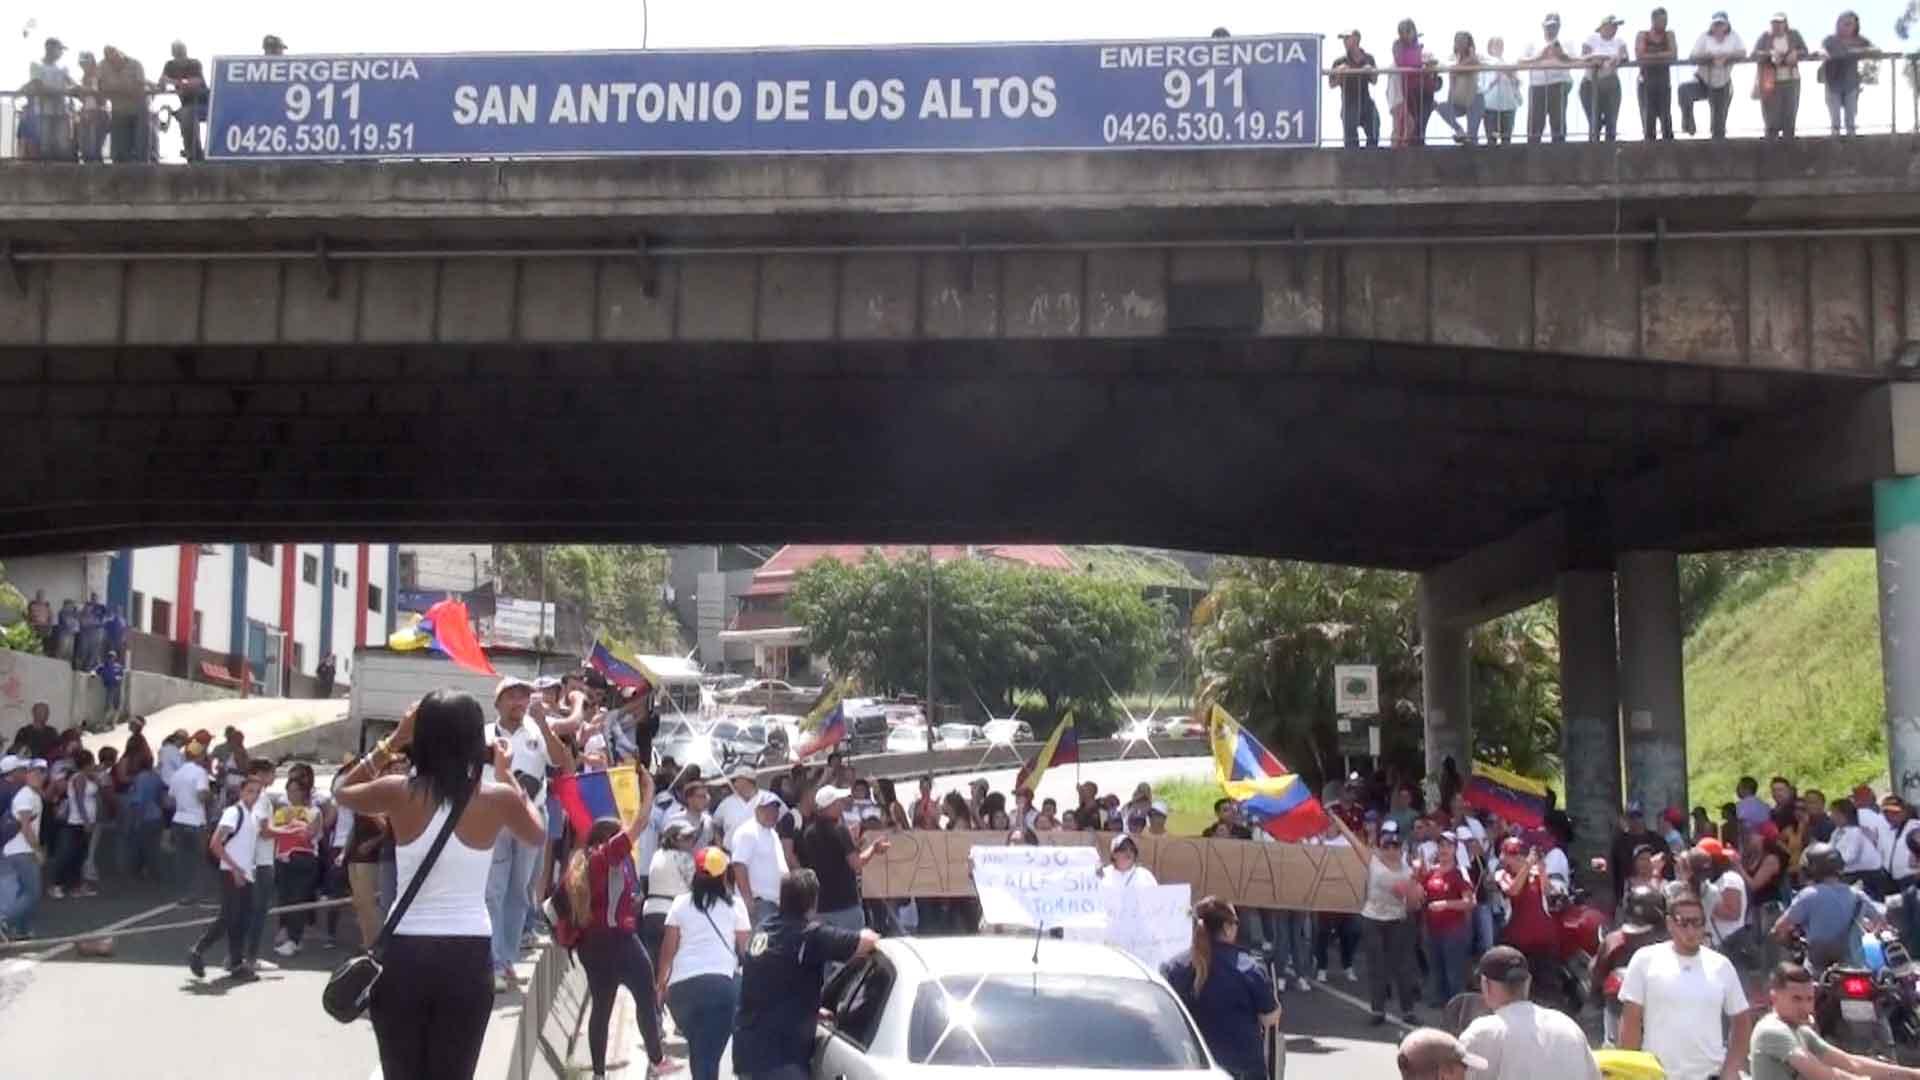 Un muerto y 52 heridos tras protestas en los Altos Mirandinos